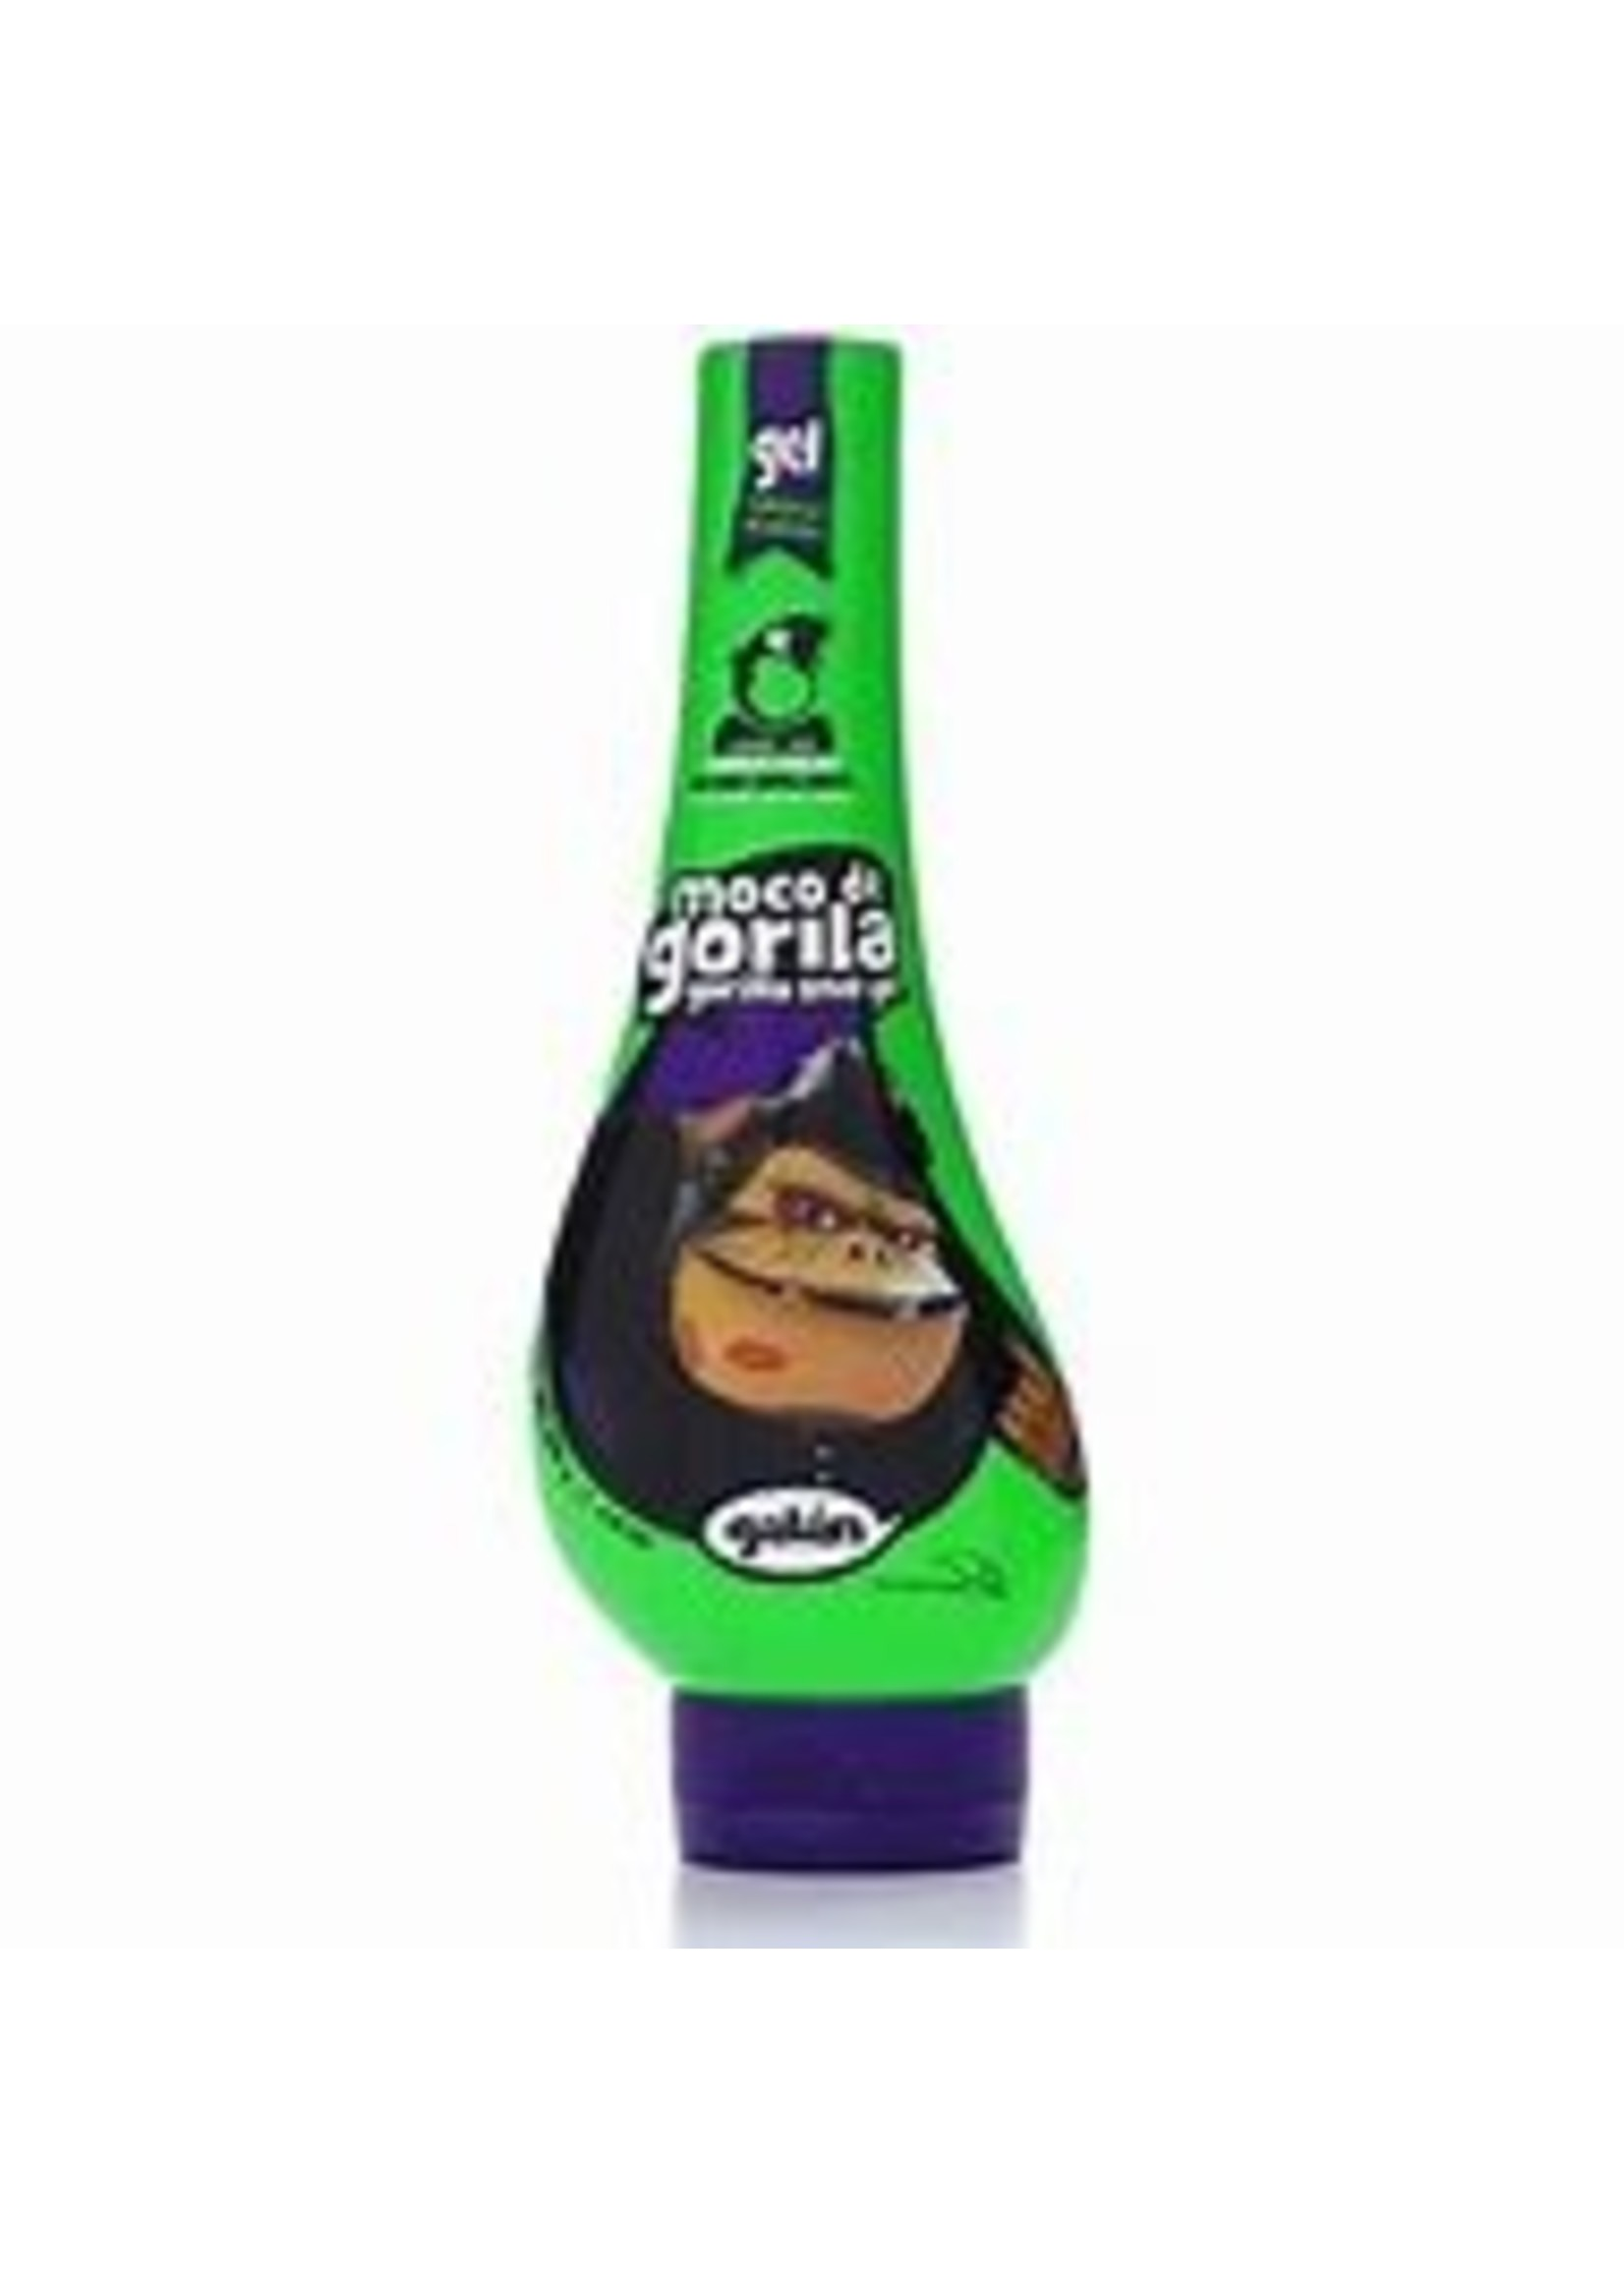 Gorilla Green Squeze Bottle 11.9oz